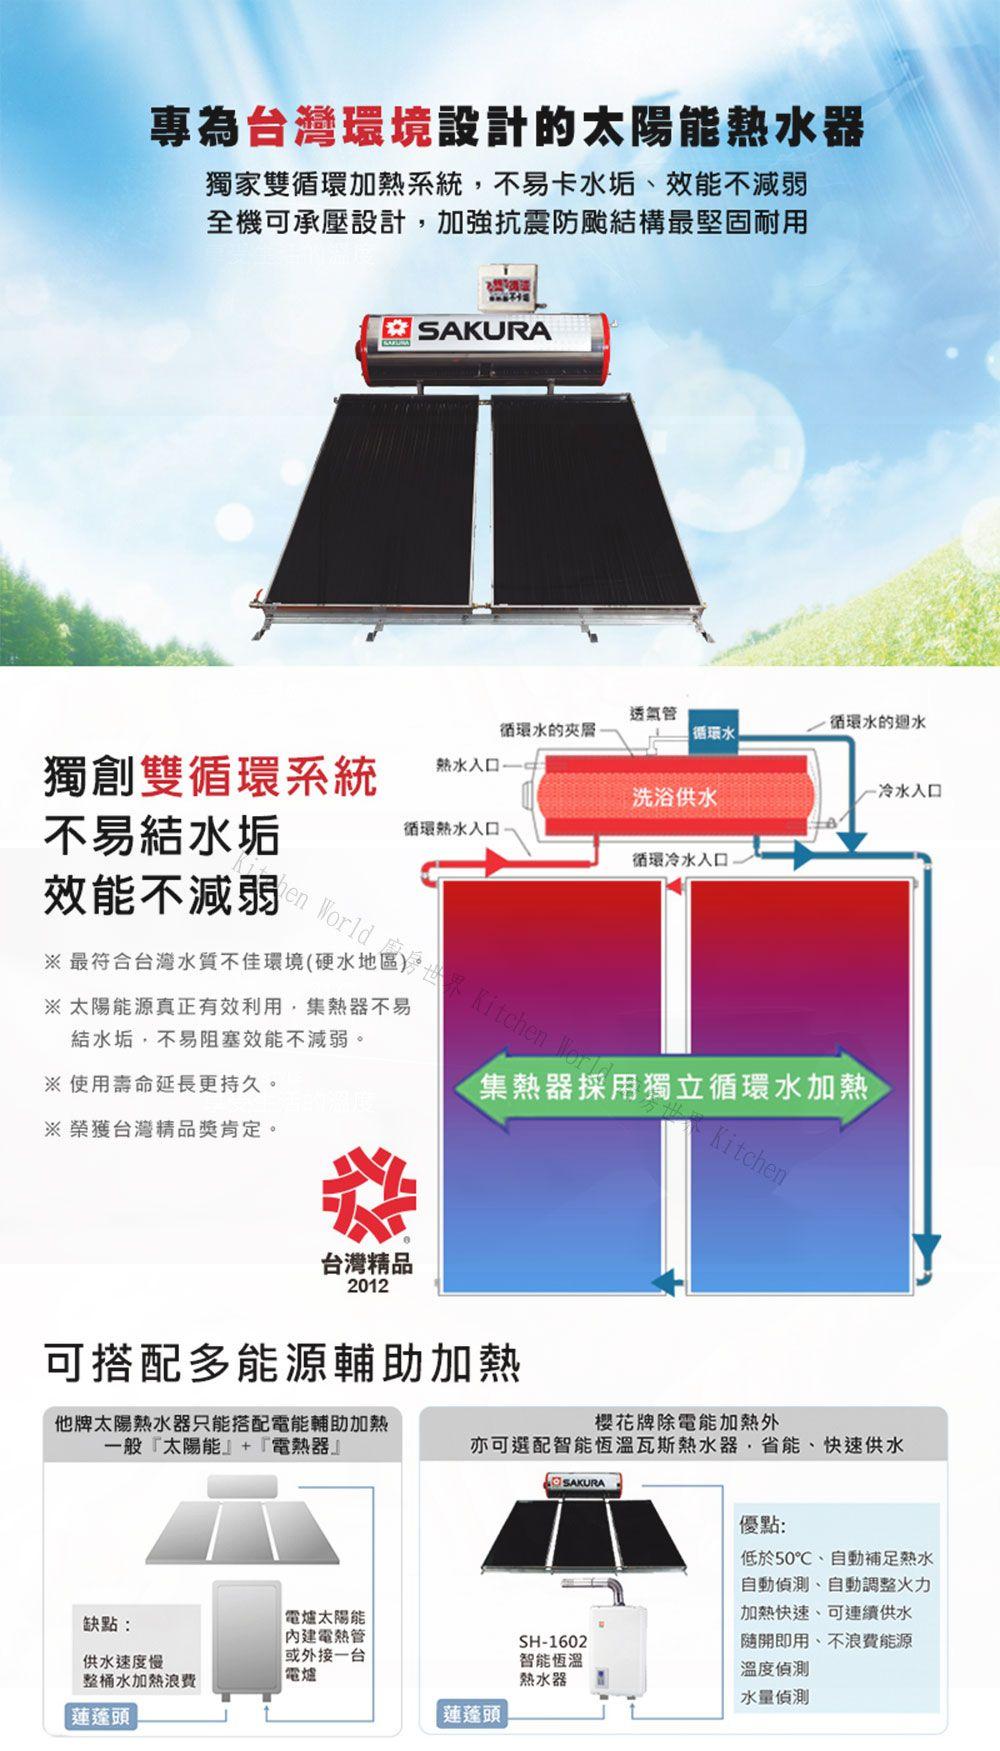 PK/goods/SAKURA/Water Heater/SE-3002LM-DM.jpg